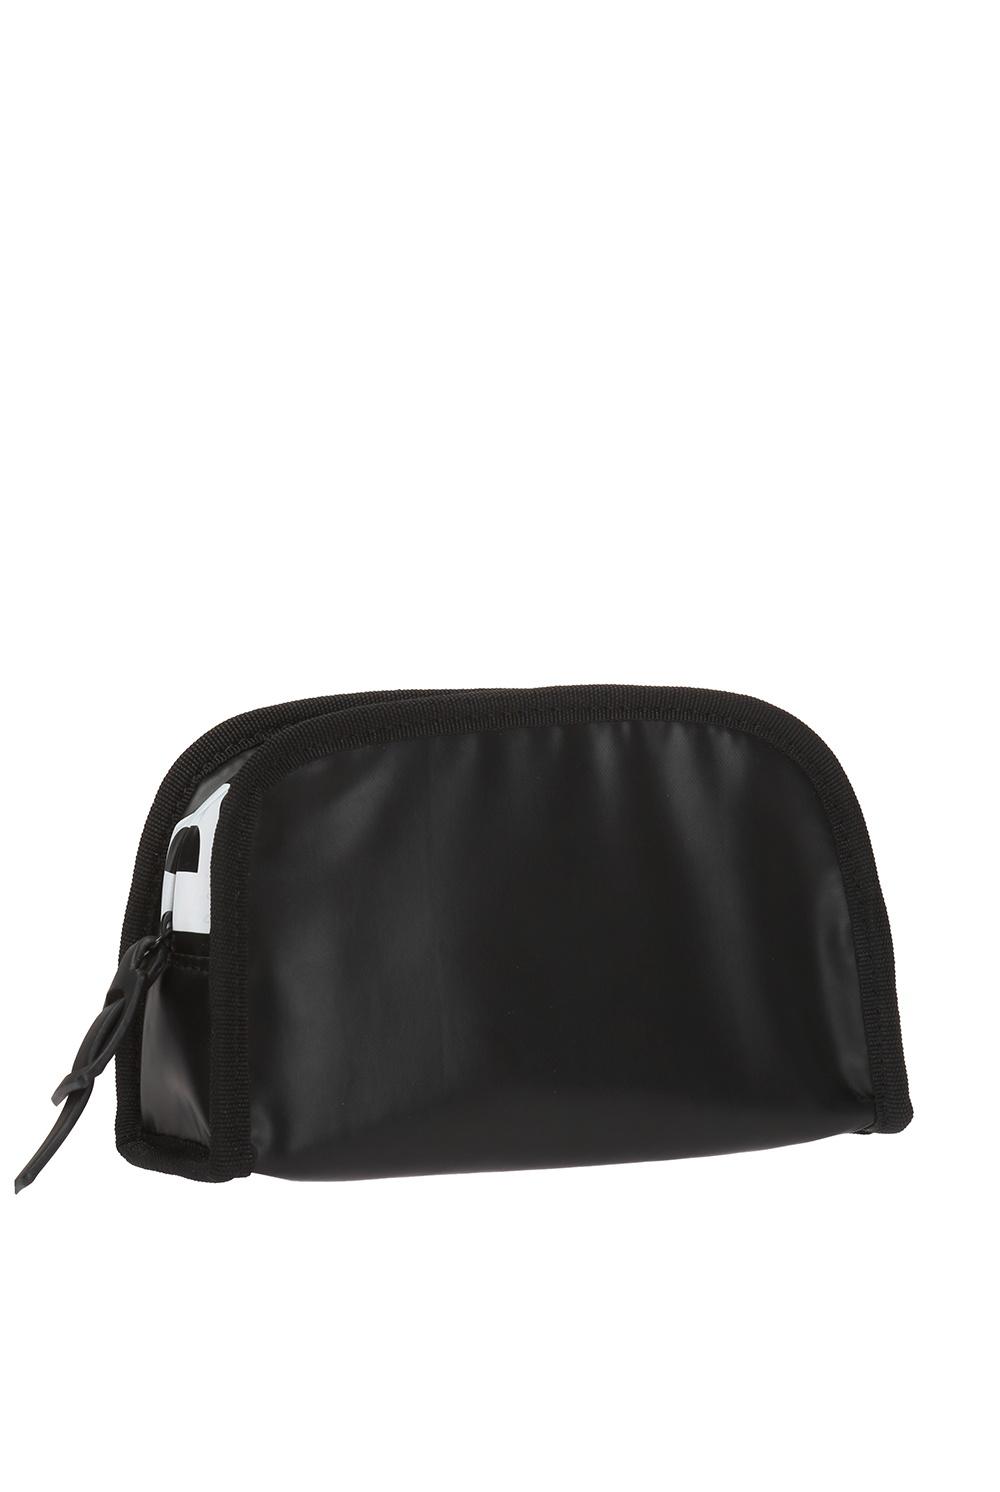 Diesel 'Mirr-Her' wash bag with logo